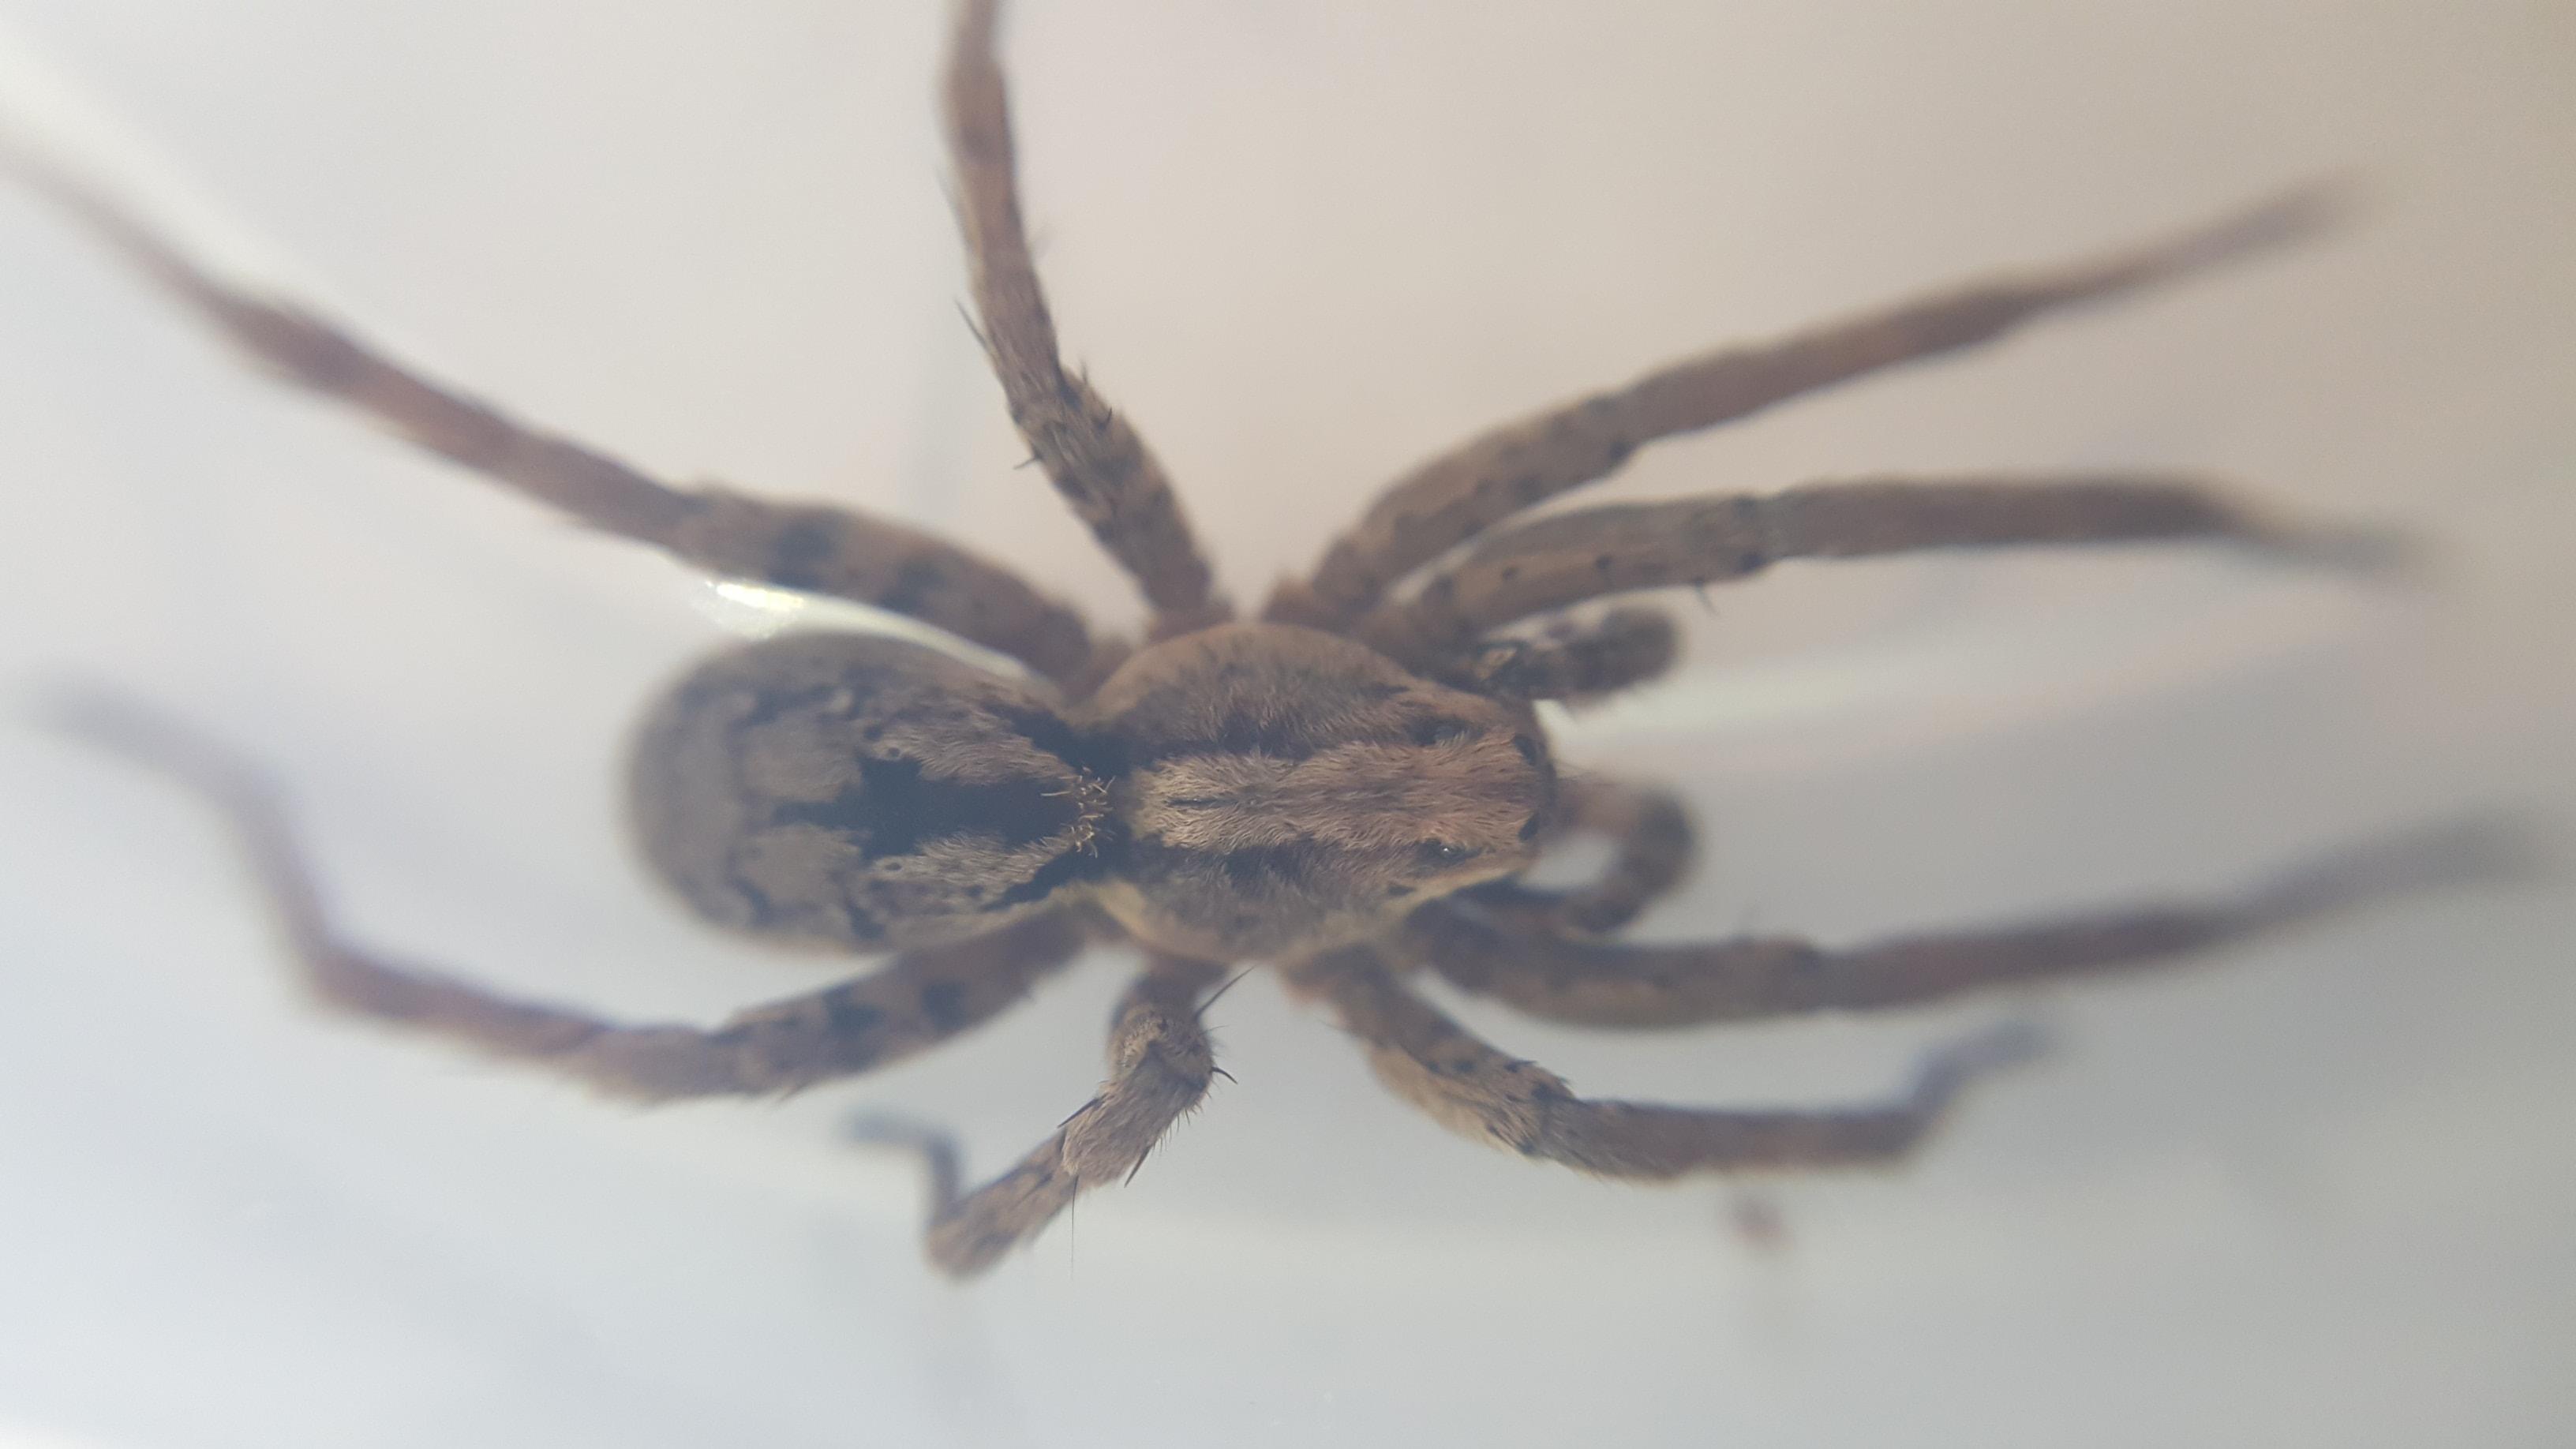 Picture of Alopecosa kochi - Male - Dorsal